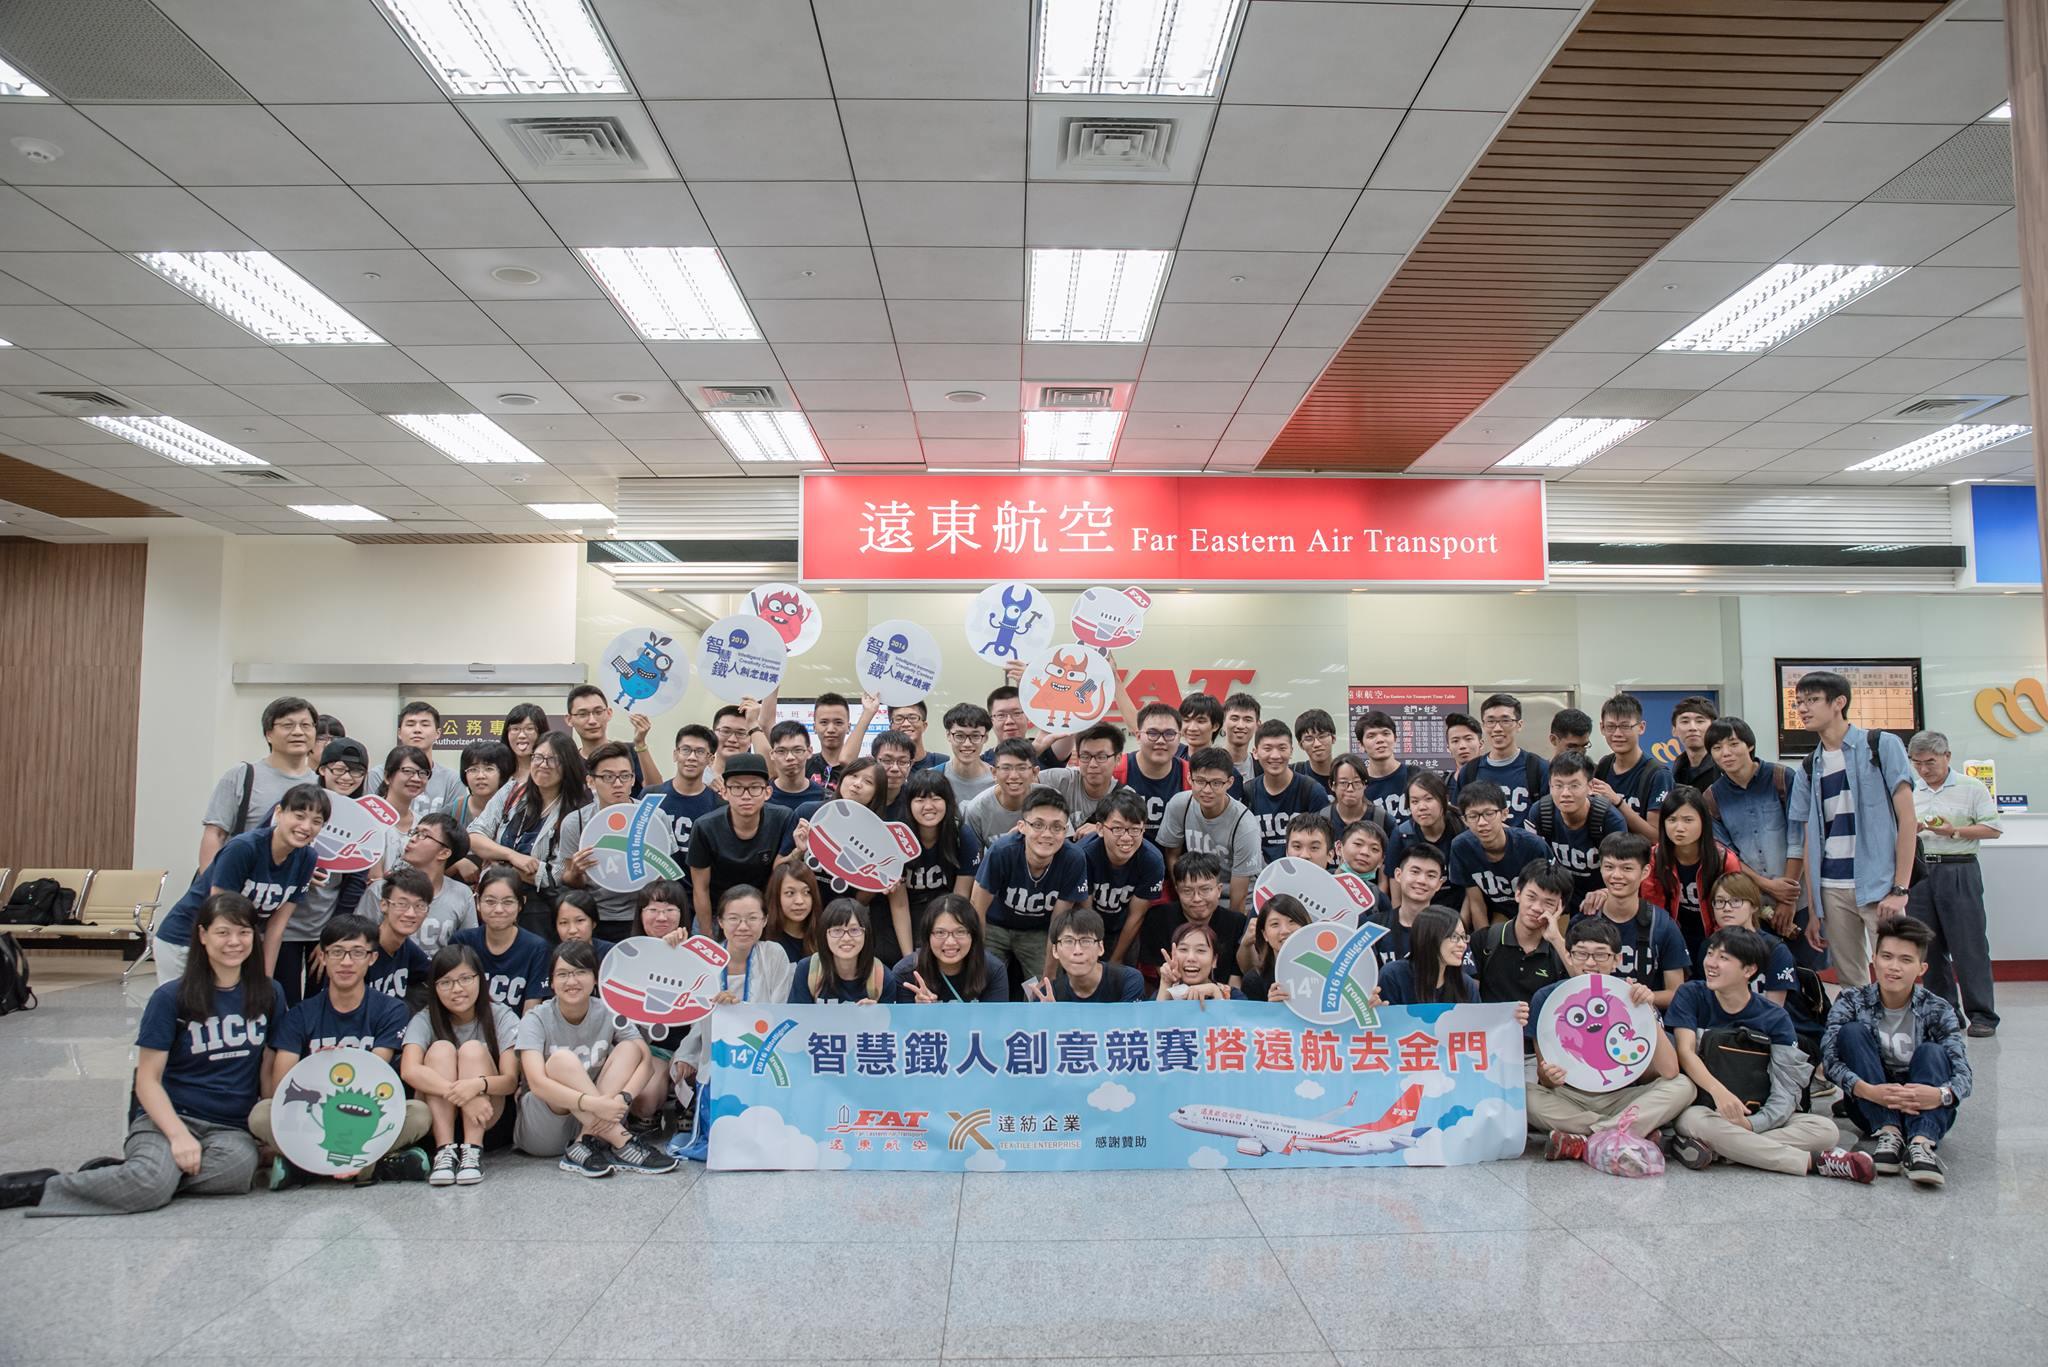 遠航獨家贊助 促進青年體驗金門風光